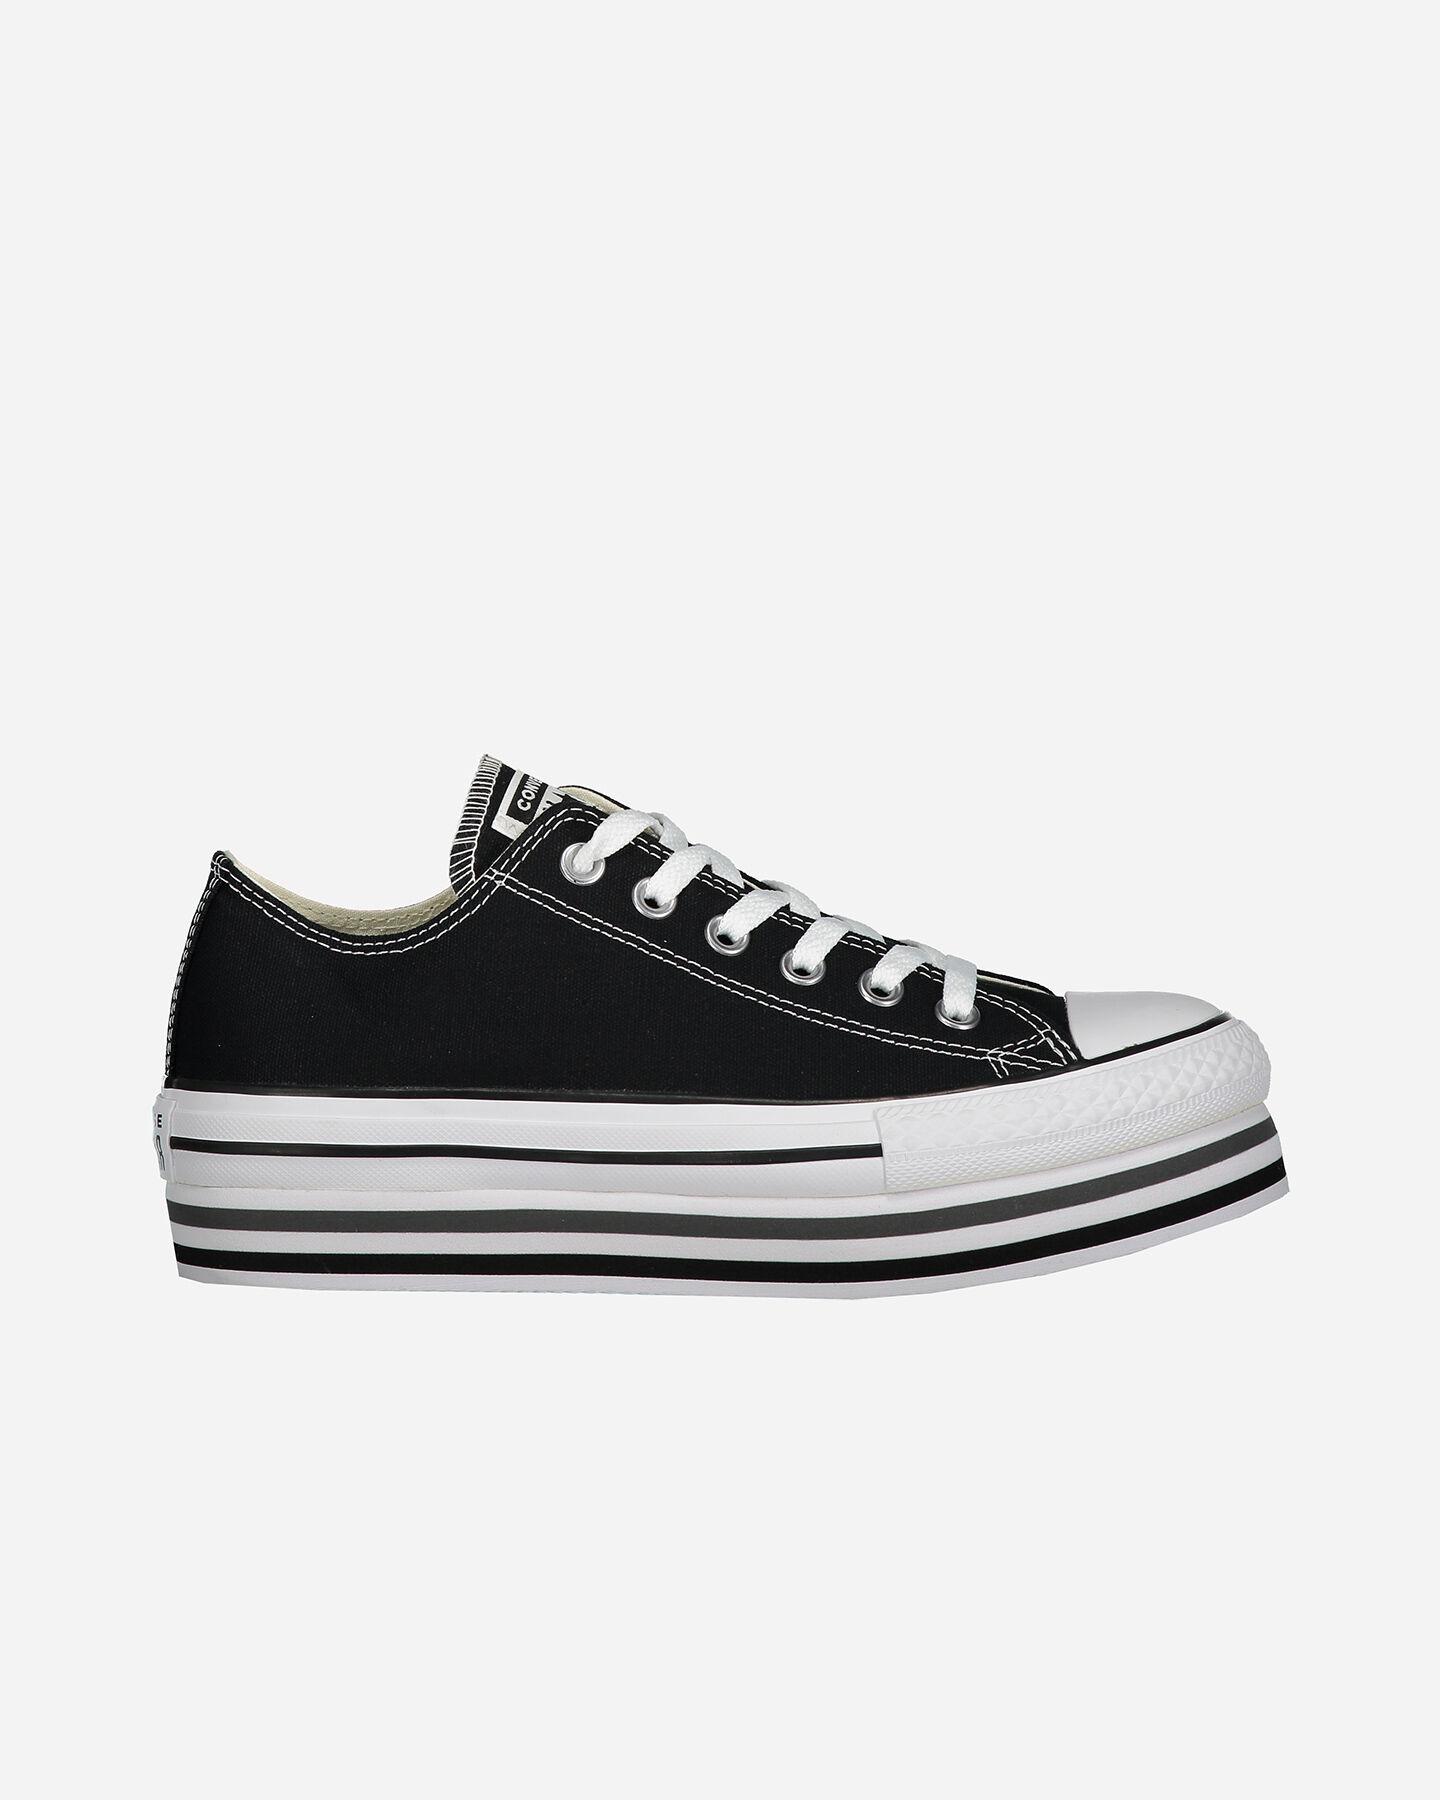 negozi scarpe converse viareggio